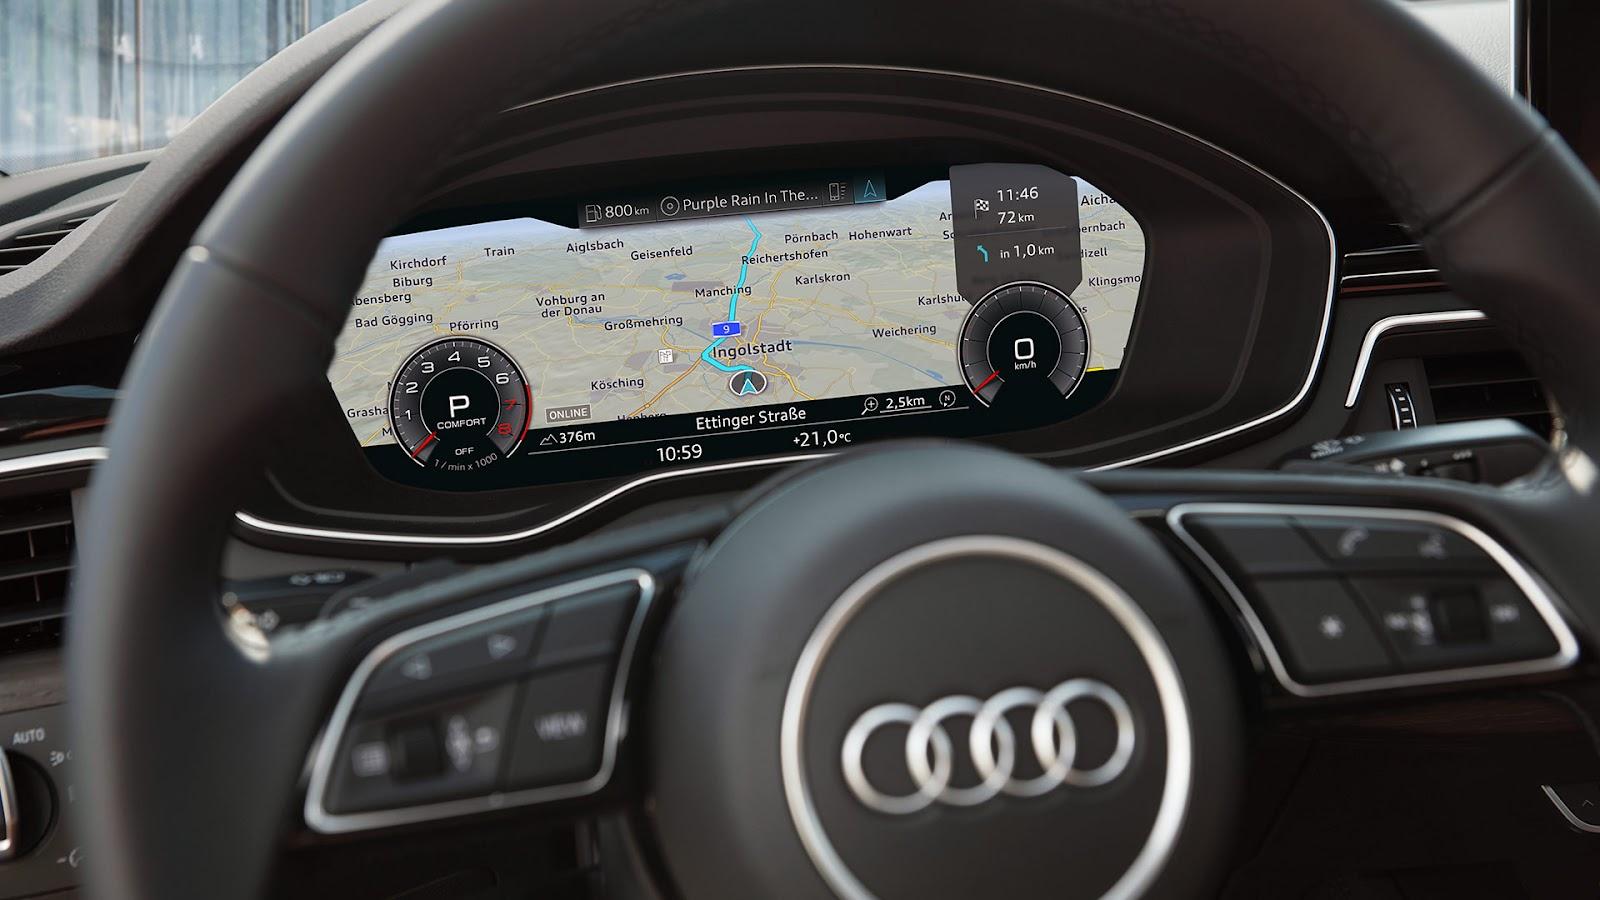 Виртуальная приборная панель Audi A7 Audi virtual cockpit